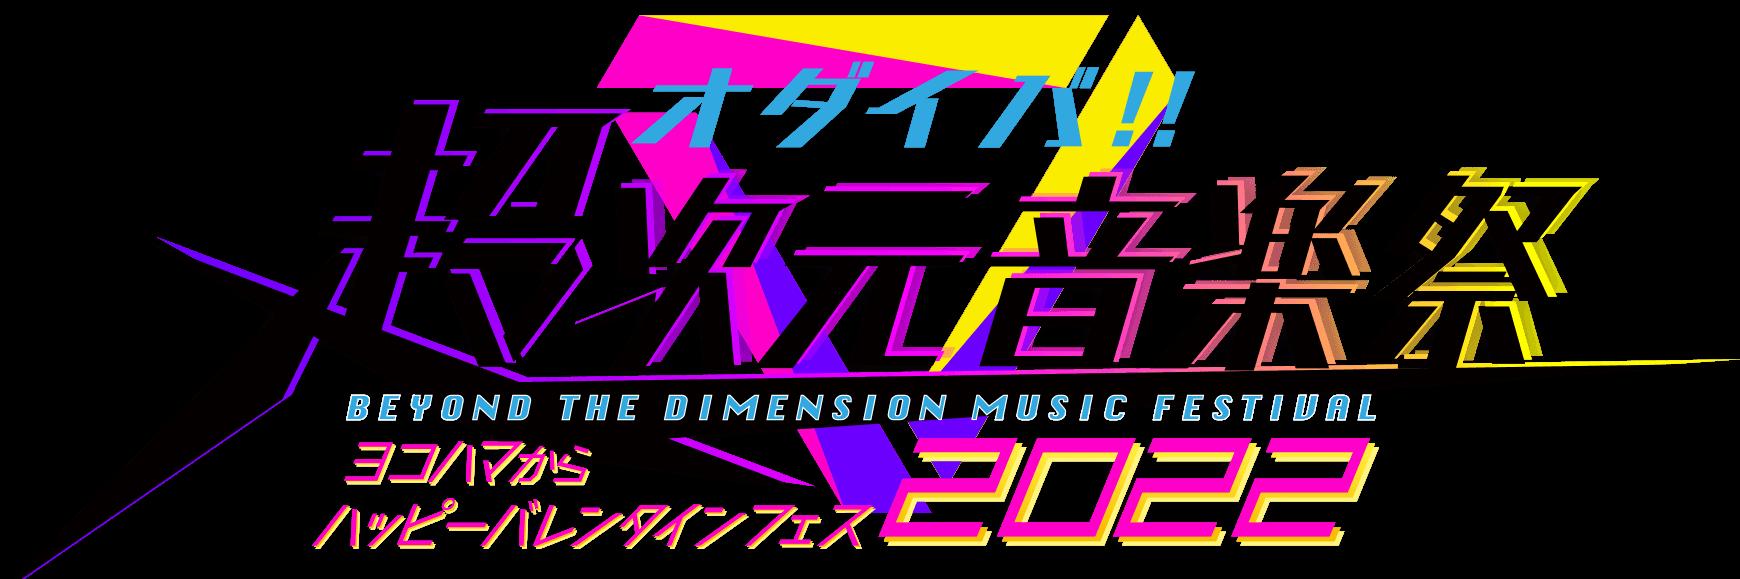 祭 オダイバ 超 次元 音楽